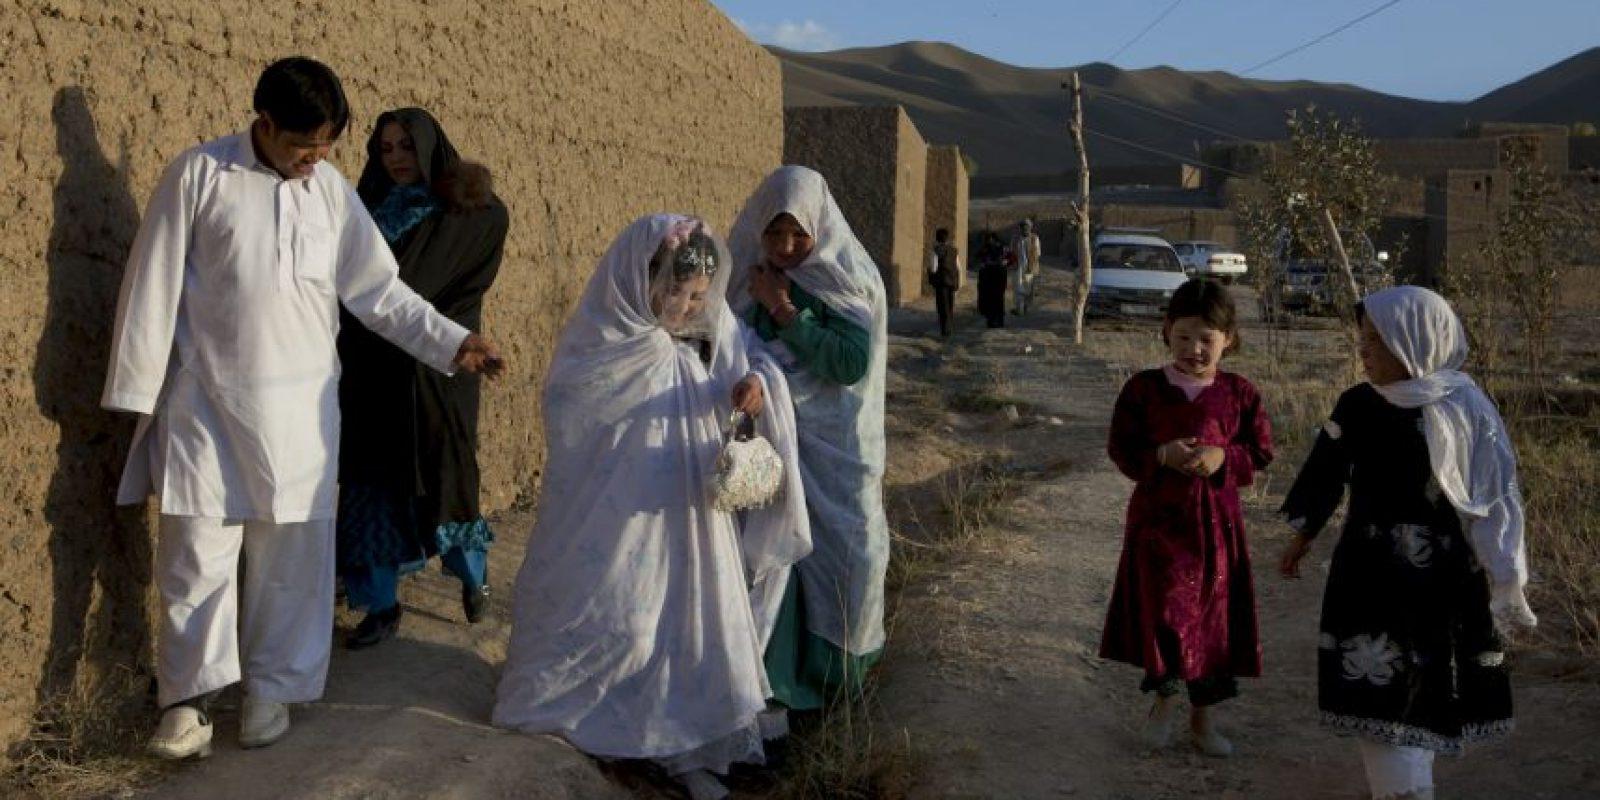 La boda se llevó acabo en la provincia de Baghlan, al norte de Afganistán. Foto:Getty Images